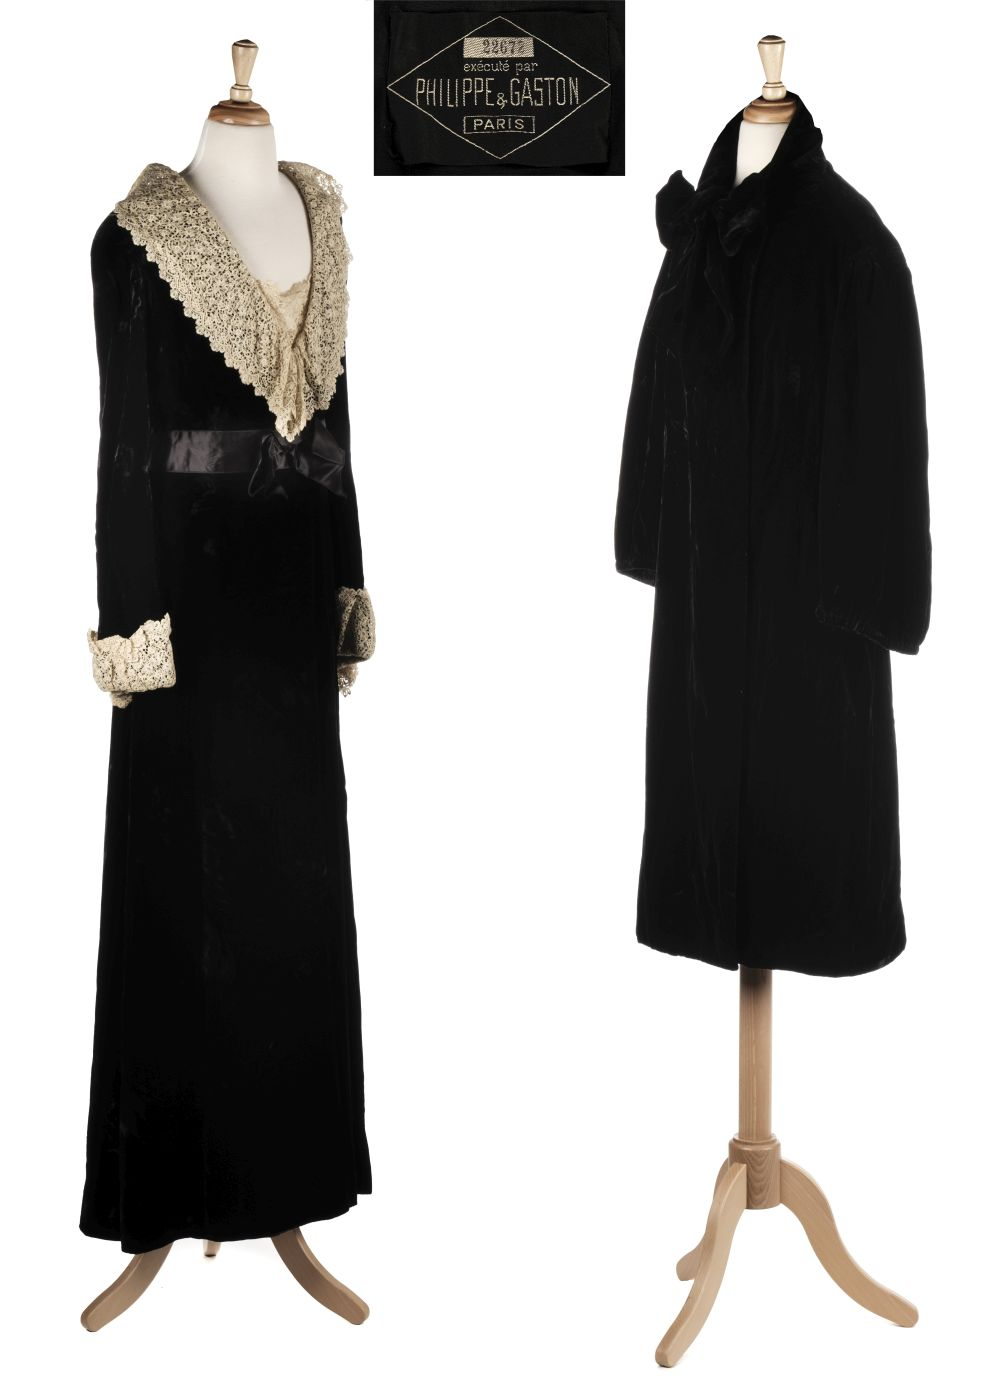 * Philippe et Gaston. A rare couture evening coat, Paris, 1930s, with dress